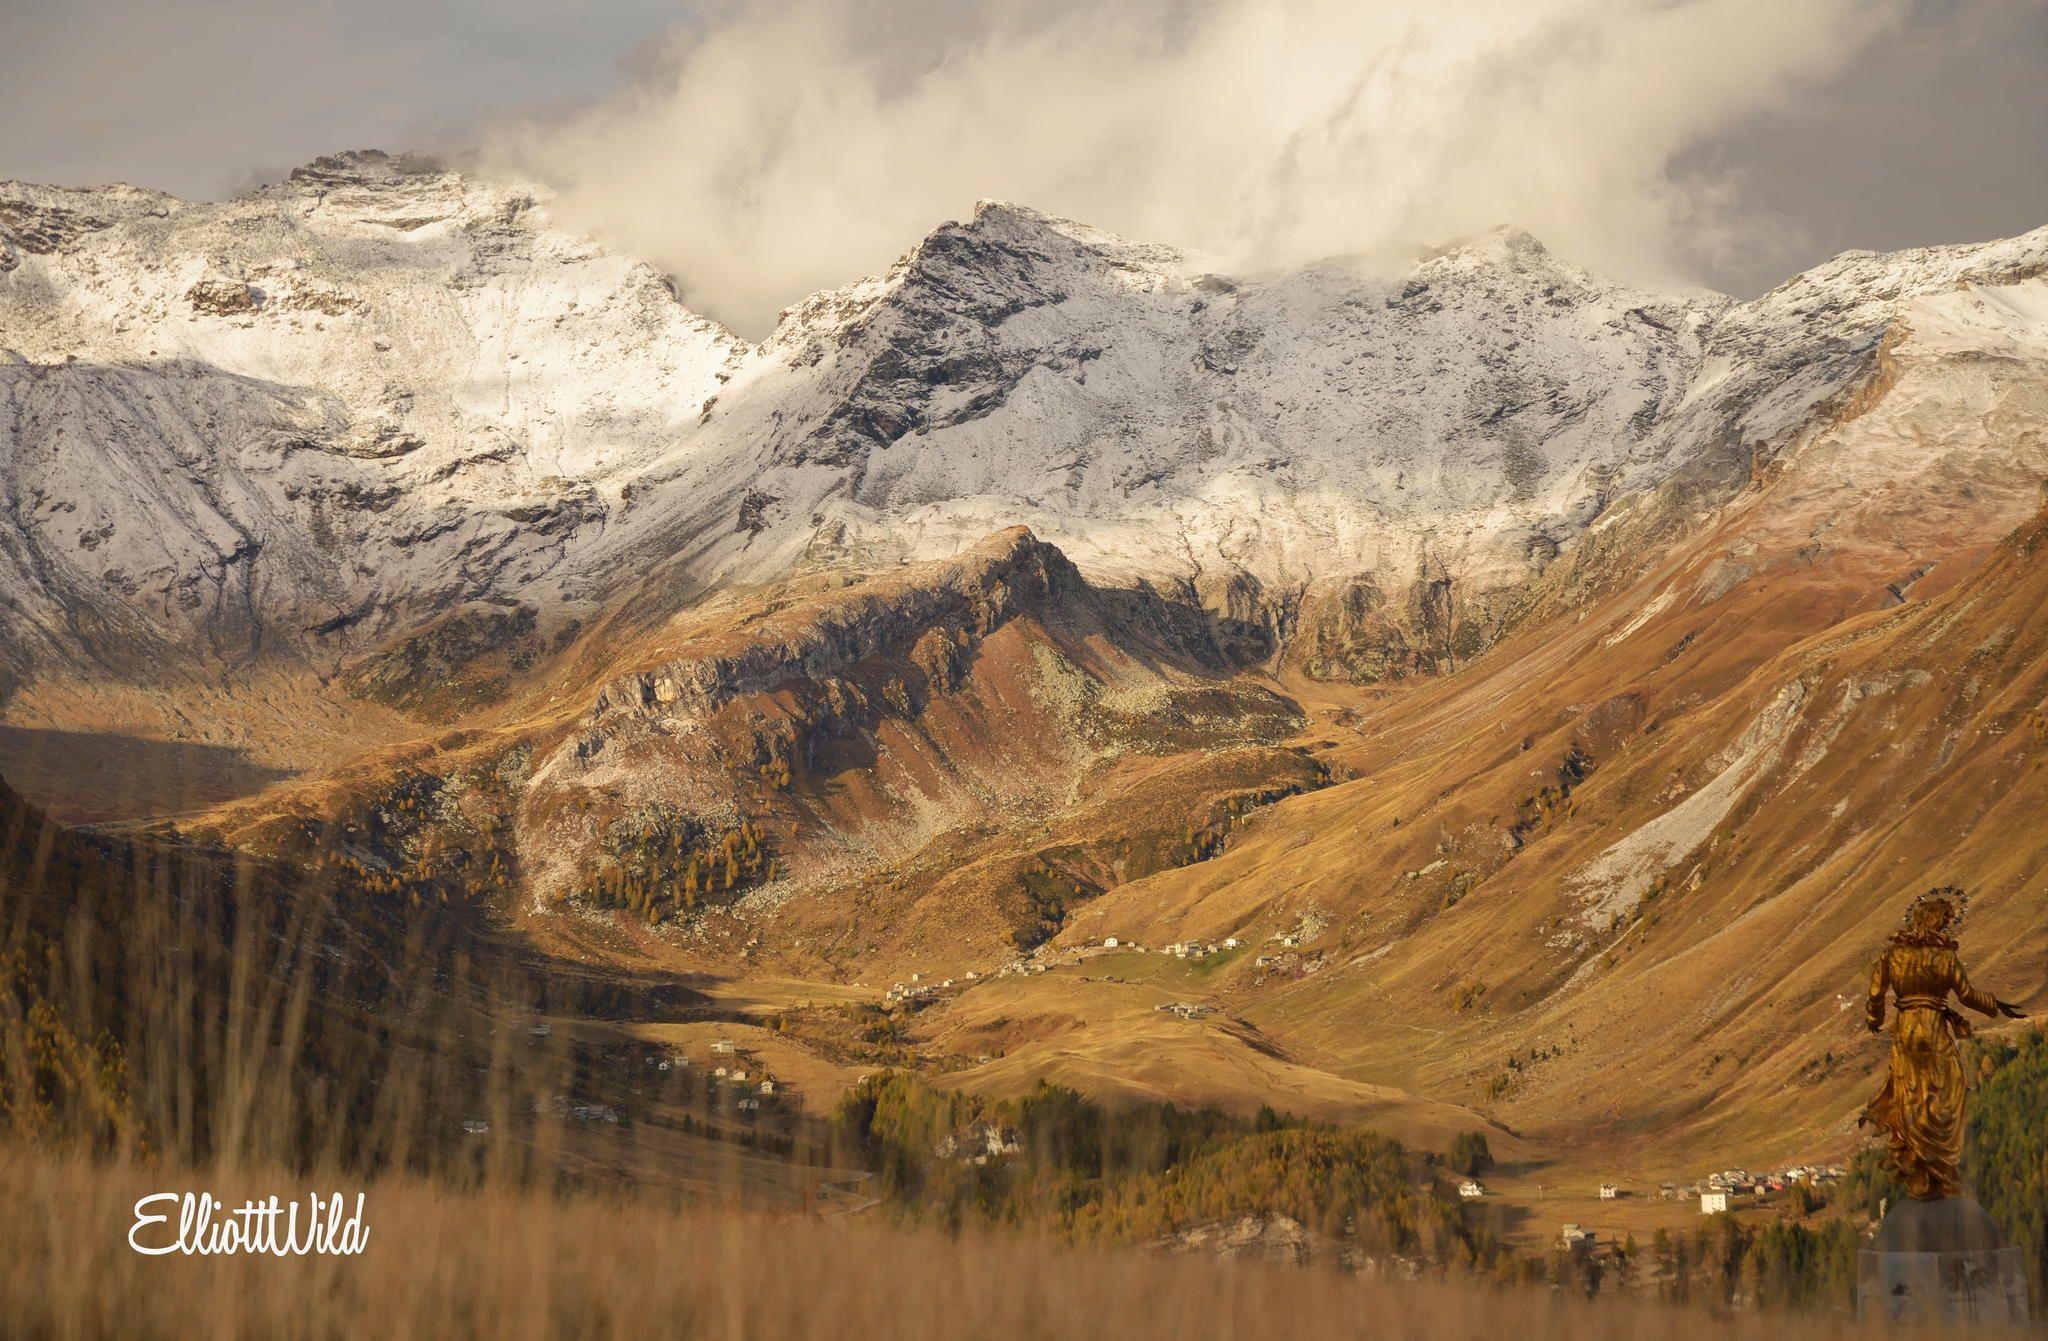 Photograph Starleggia valley by ElliottWild on 500px